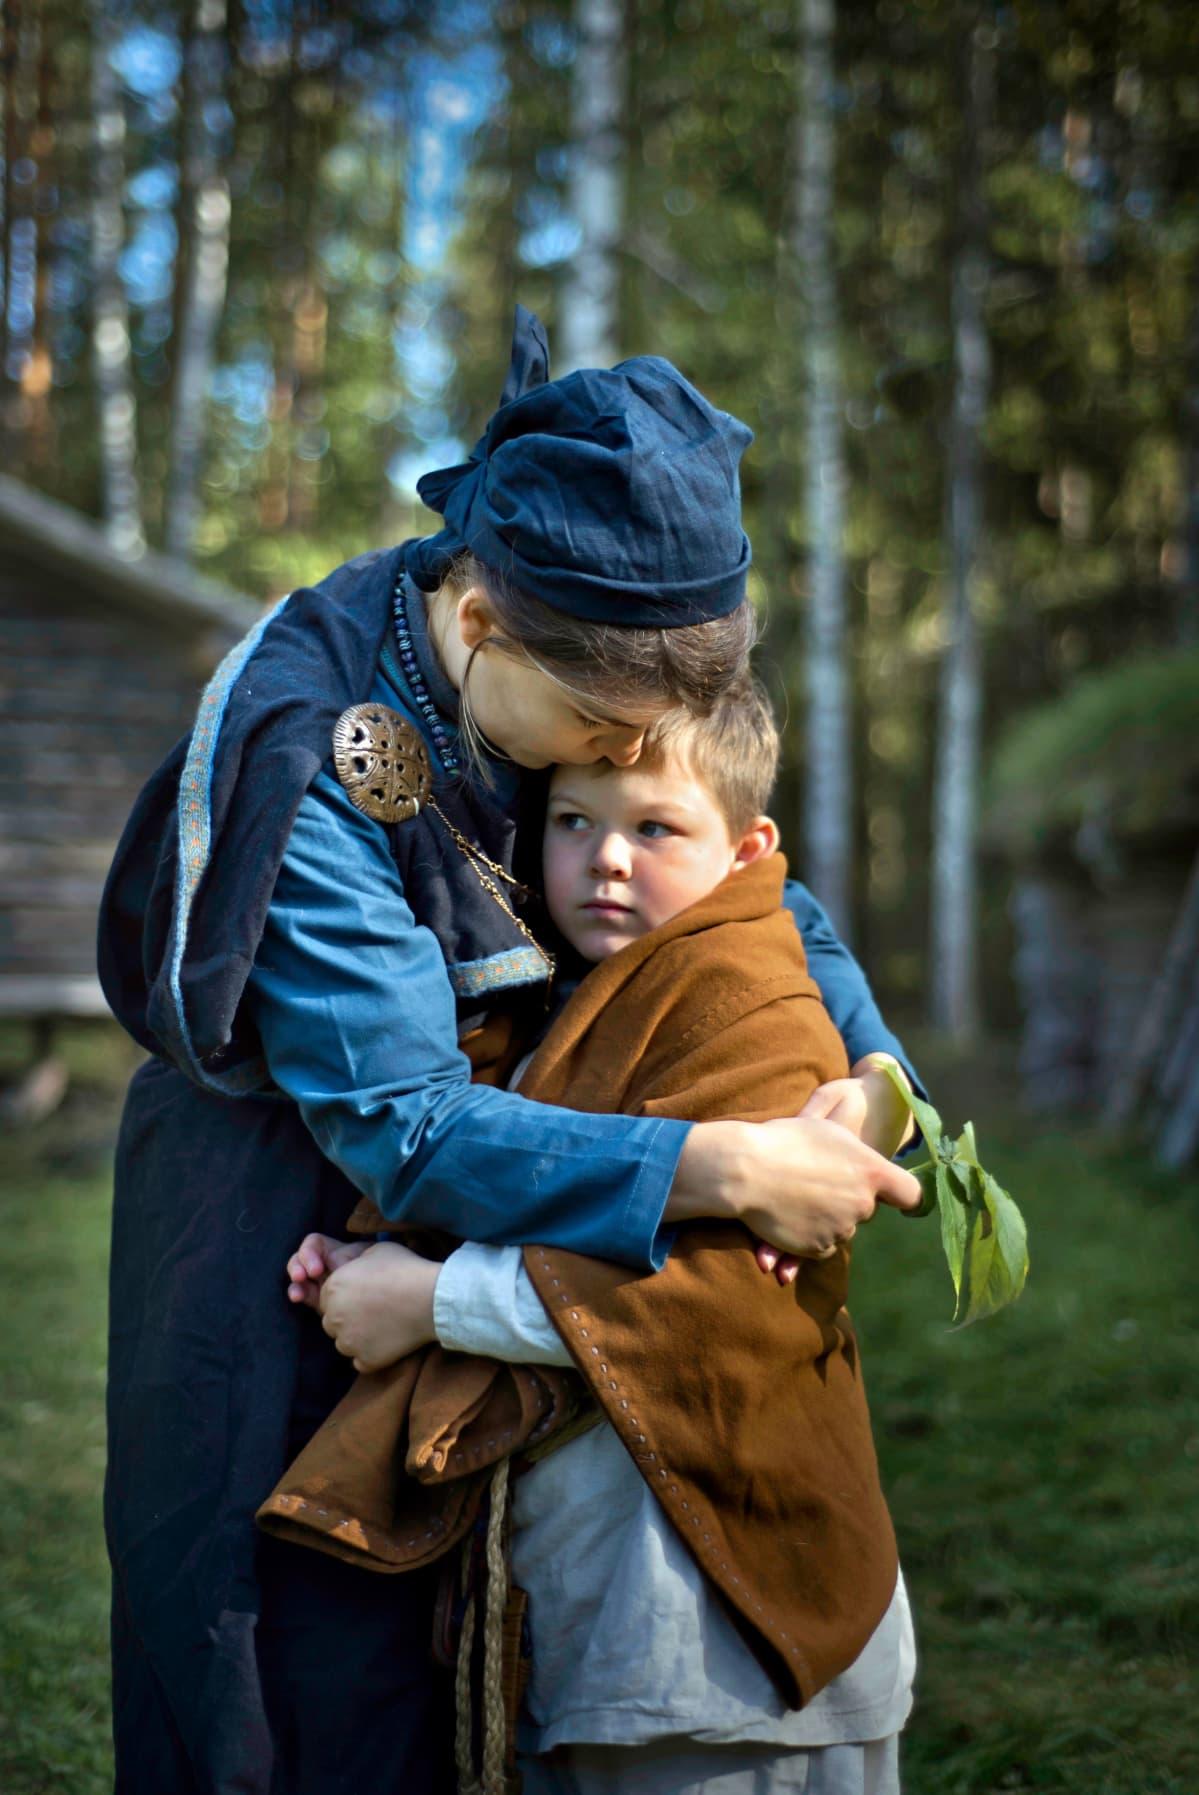 Viikinkiajan asuun pukeutunut äiti rutistaa poikaansa sylissään.